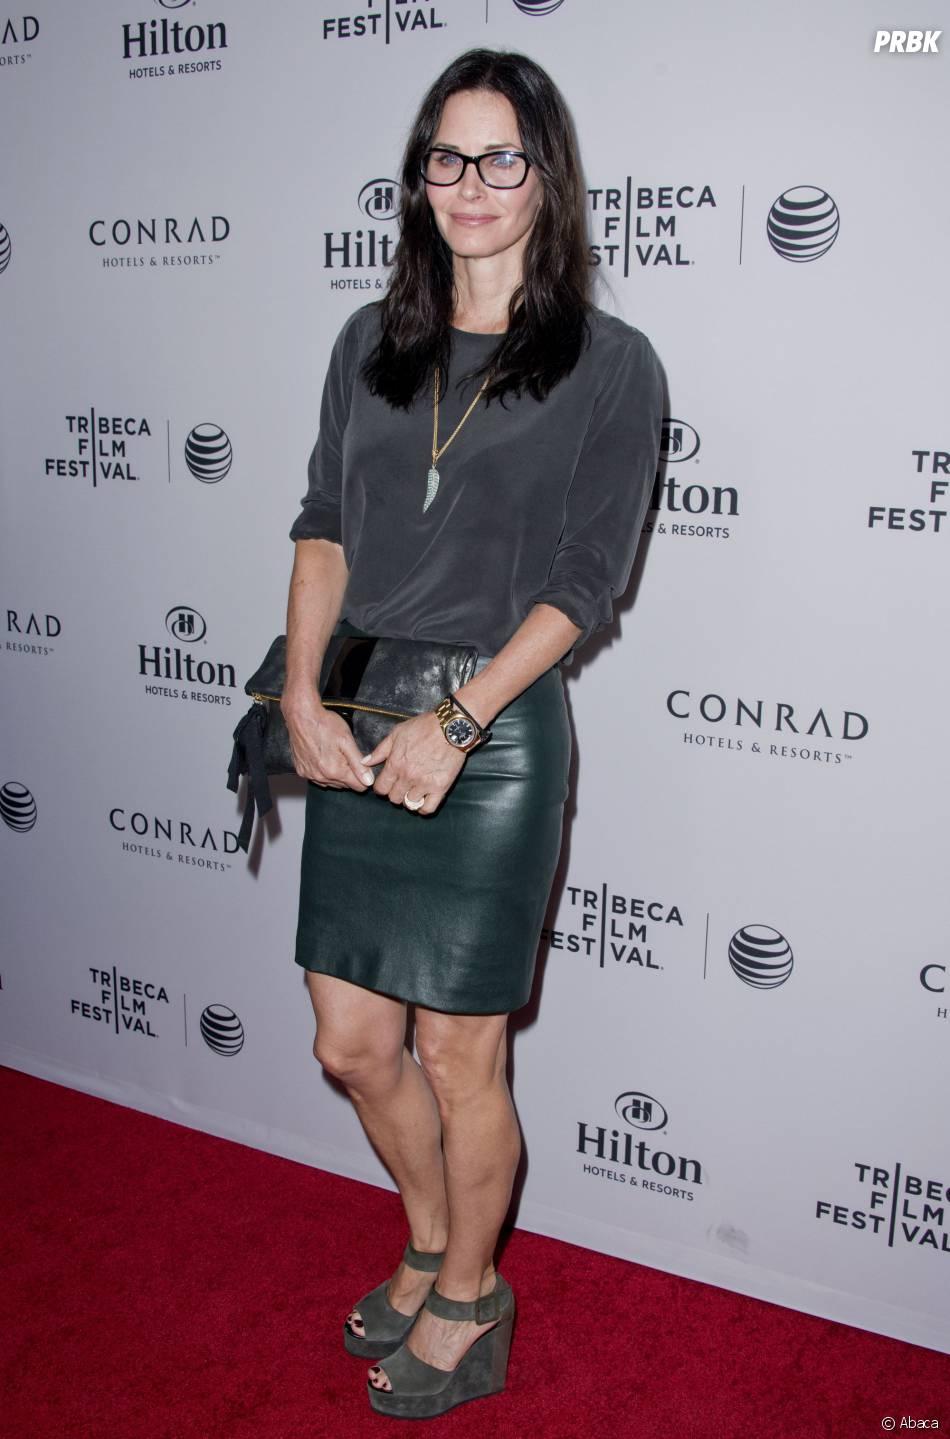 Courteney Cox : 8ème ex-aequo au top 10 des actrices de séries les mieux payées en 2014